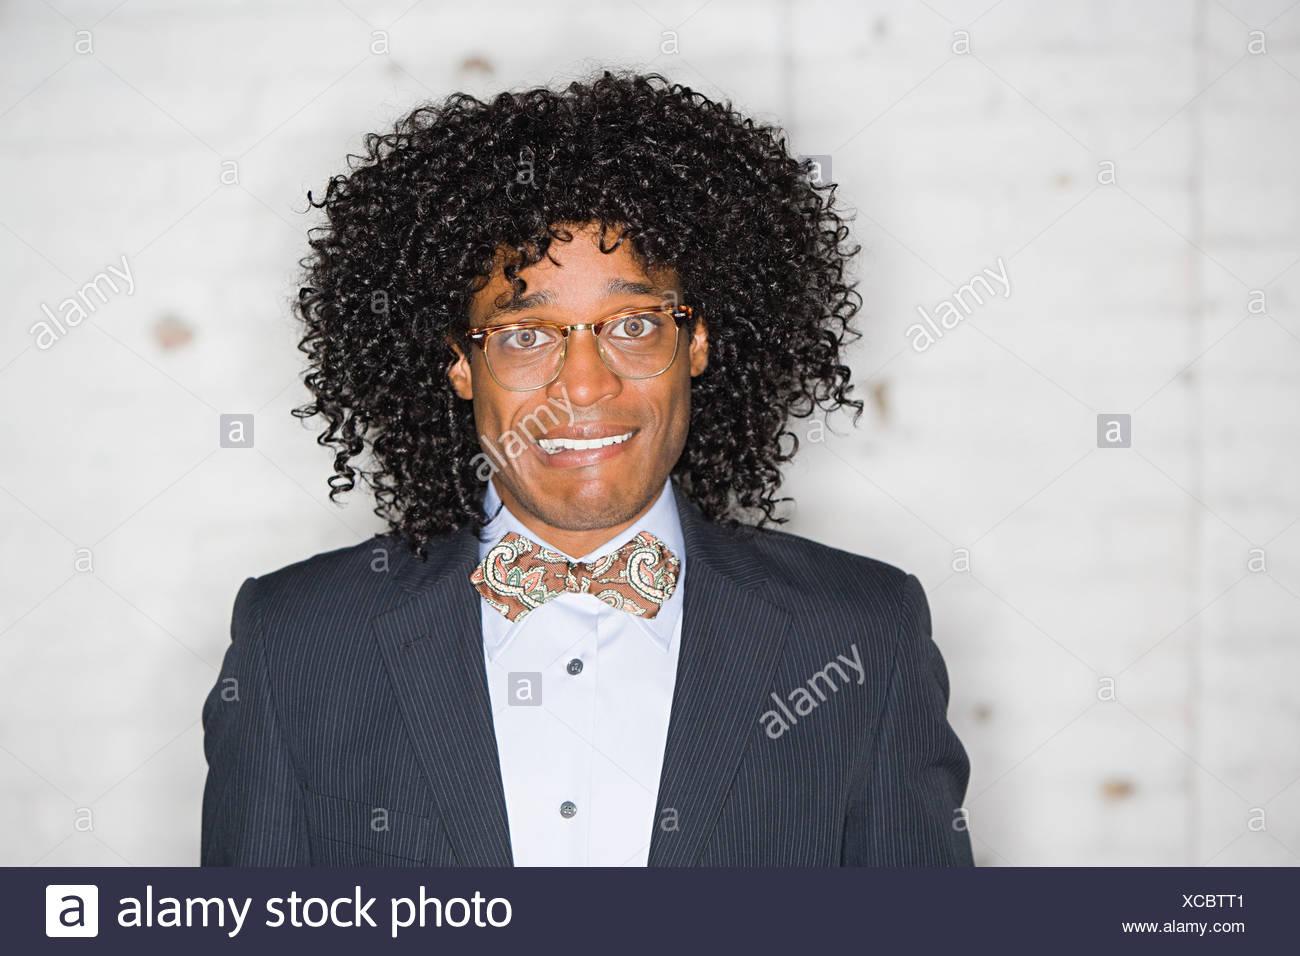 Ritratto di un geek fare ritratti Immagini Stock